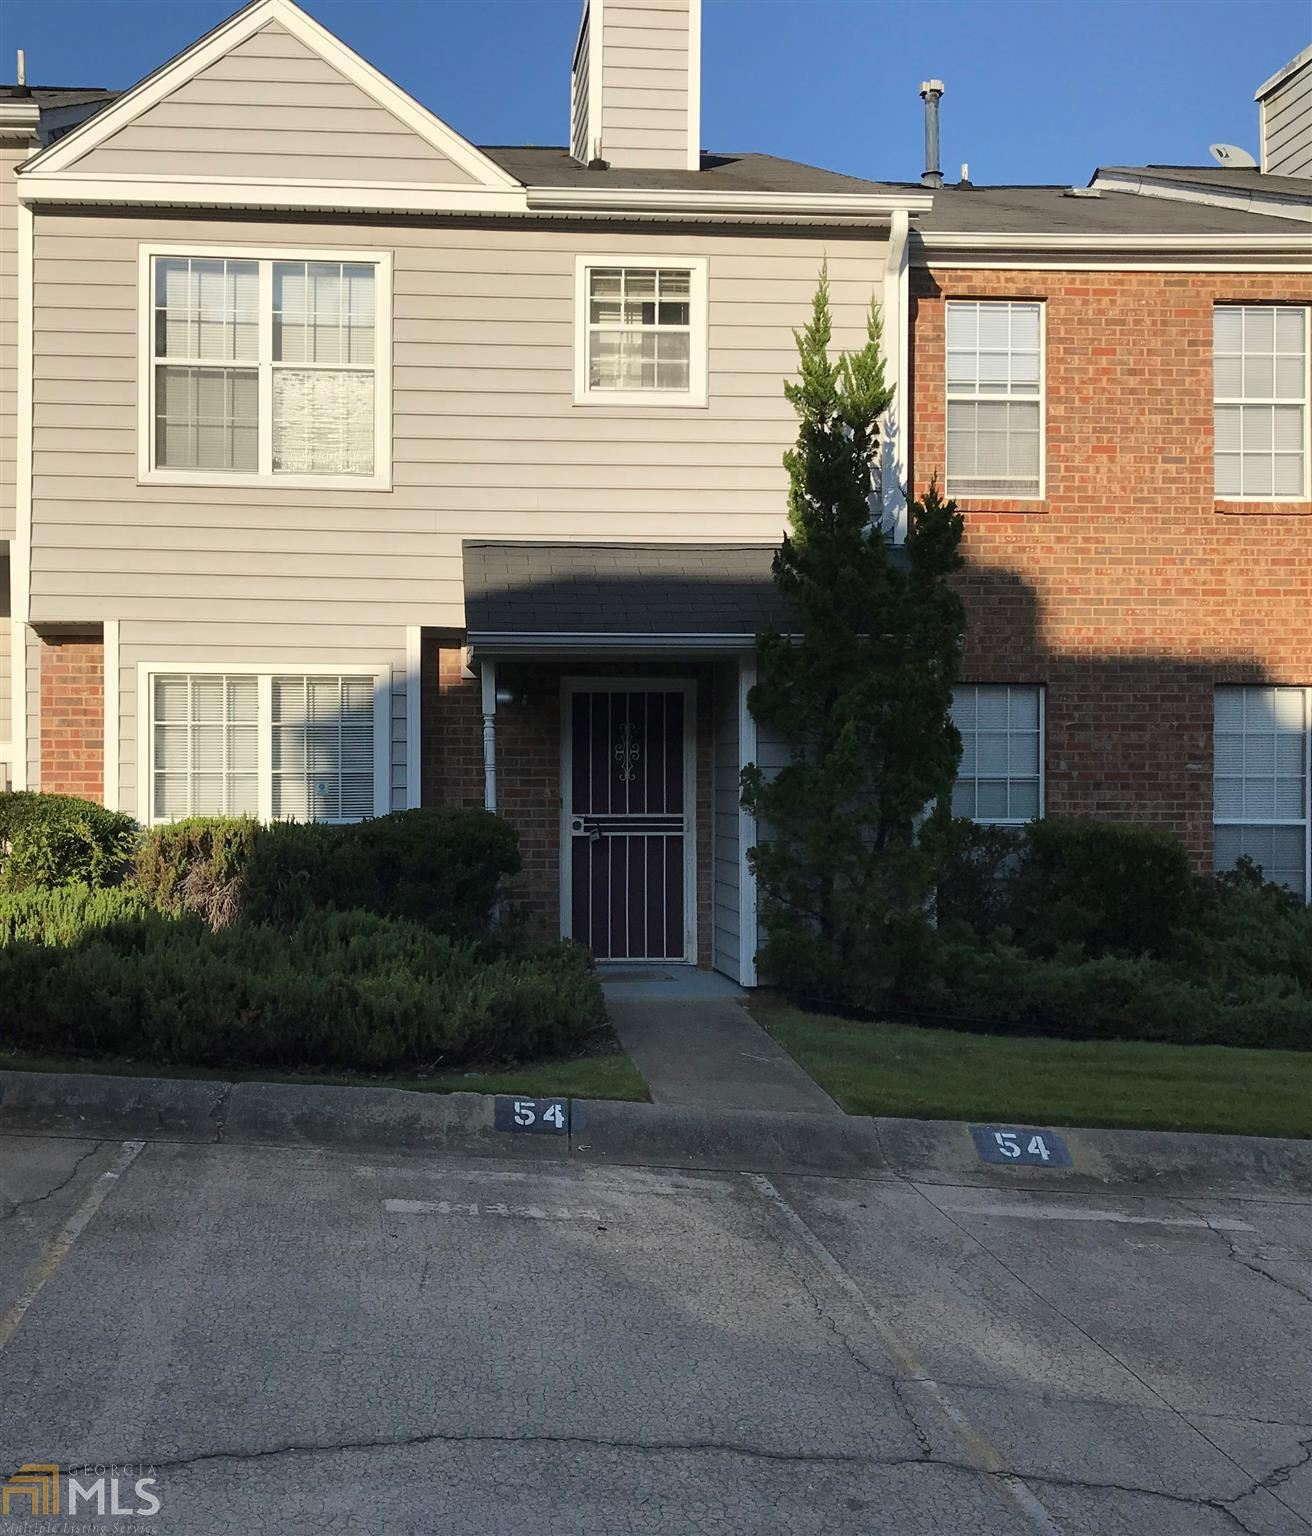 54 Belmonte Cir, Atlanta, GA 30311 - MLS#: 8873307